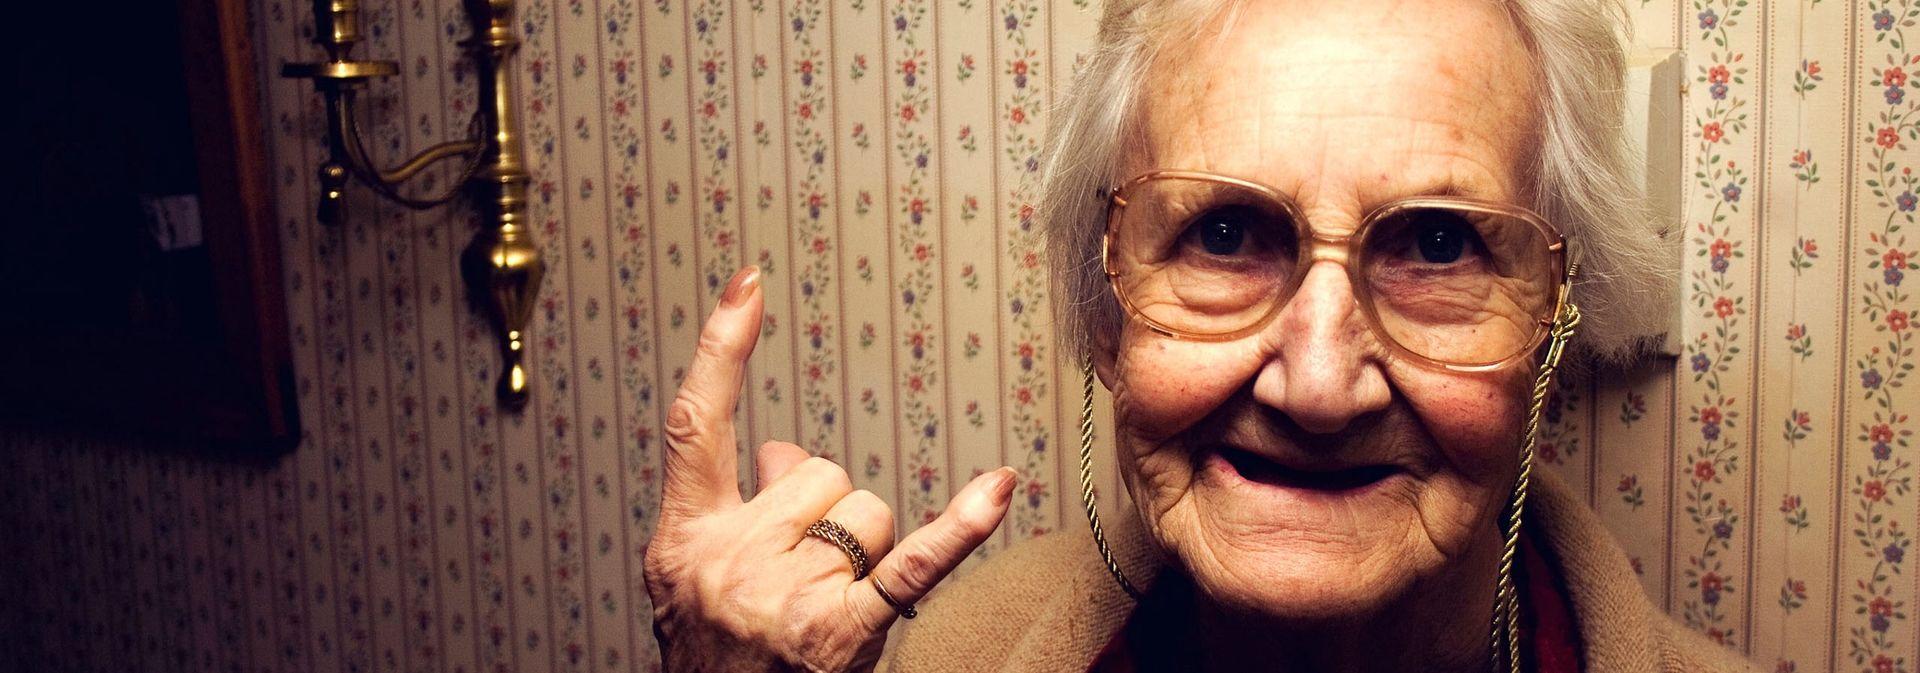 Еврейские бабушки. 10 анекдотов с бородой и пейсами